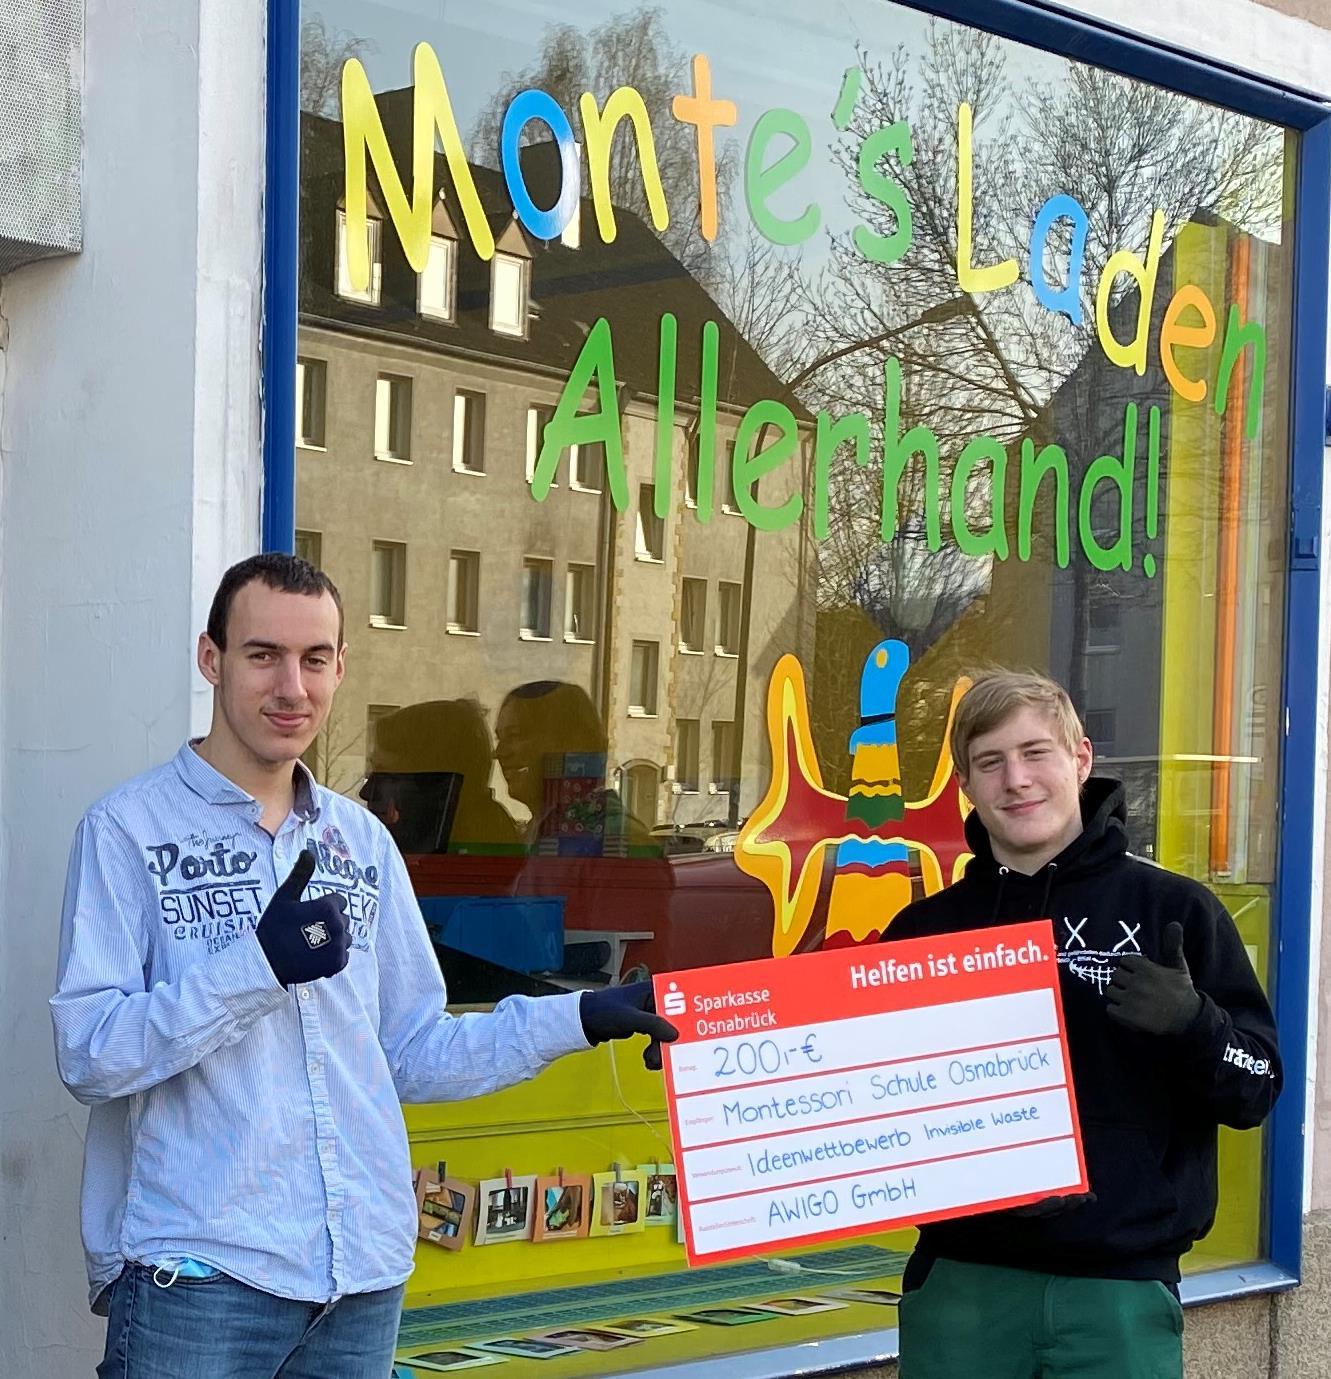 Die Auszeichnung für das Demontage-Projekt nahmen stellvertretend für die Projektgruppe die Schüler Wiktor Zantara (links) und Maurice Ehrler vor ihrer Reparaturwerkstatt an der Iburger Straße entgegen.